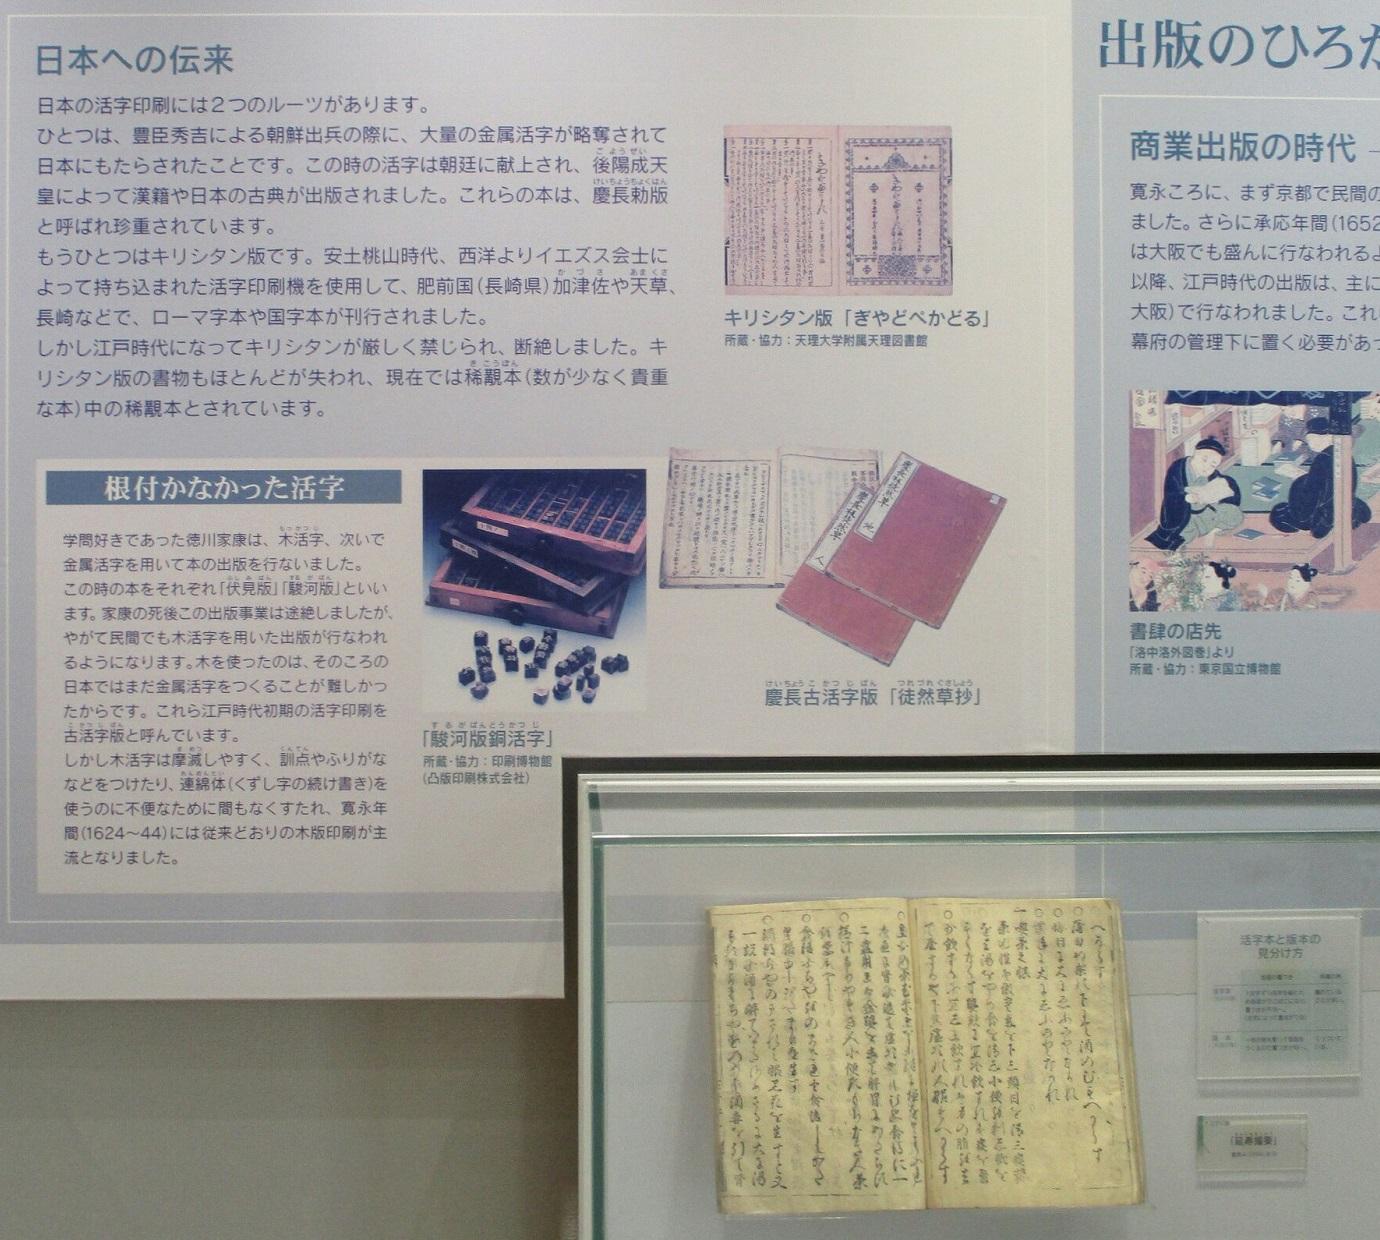 2019.4.29 (14) 岩瀬文庫 - ねづかんかった活字 1380-1240